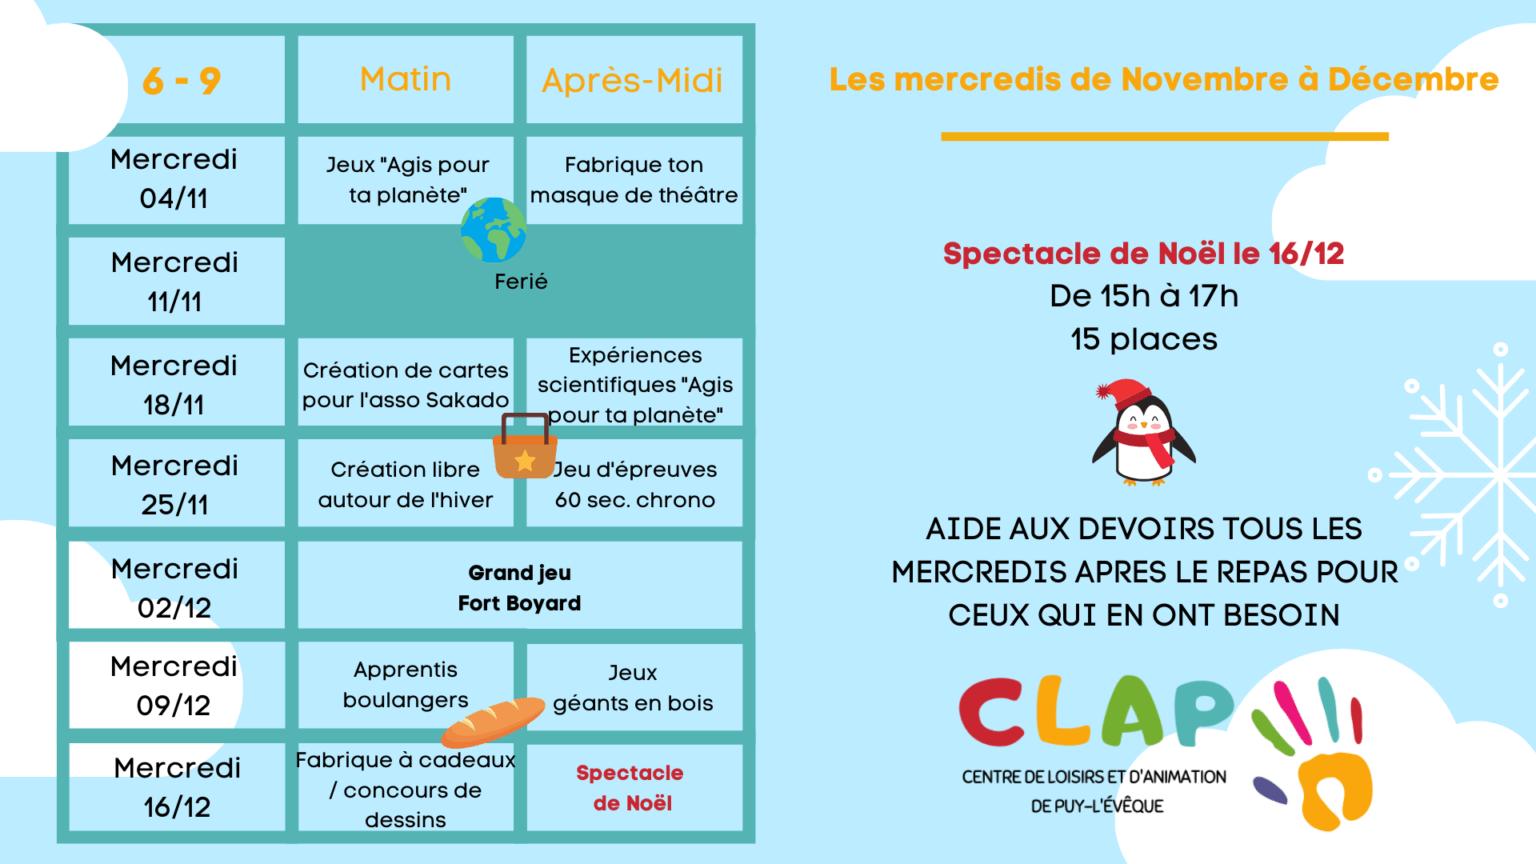 Programme des mercredis de Novembre à Décembre enfants de 6 à 9 ans